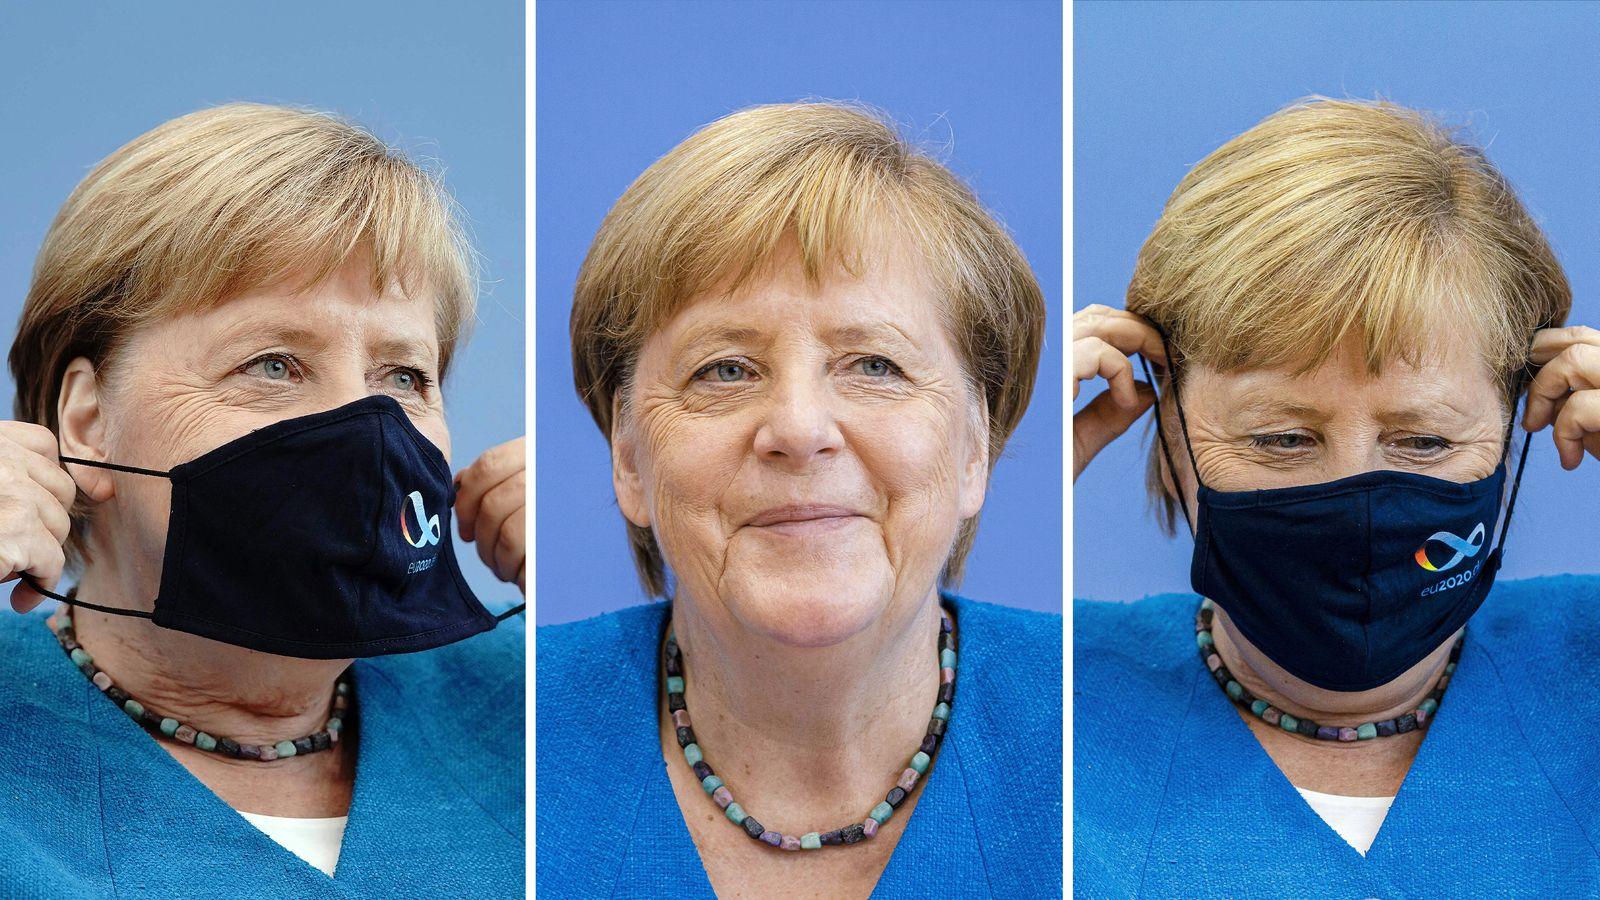 KOMBO Angela Merkel / Mundschutz